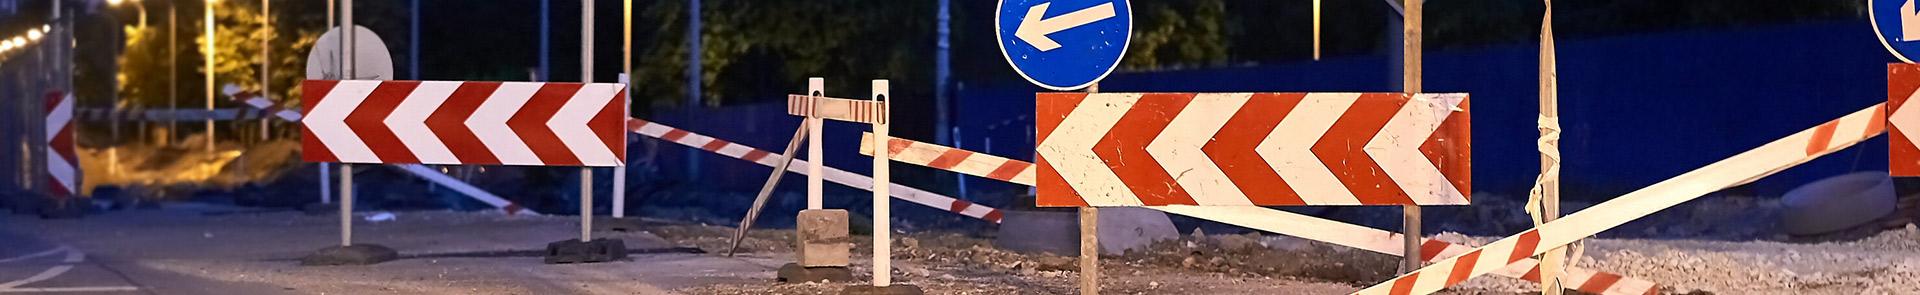 Sign Maintenance and Repair